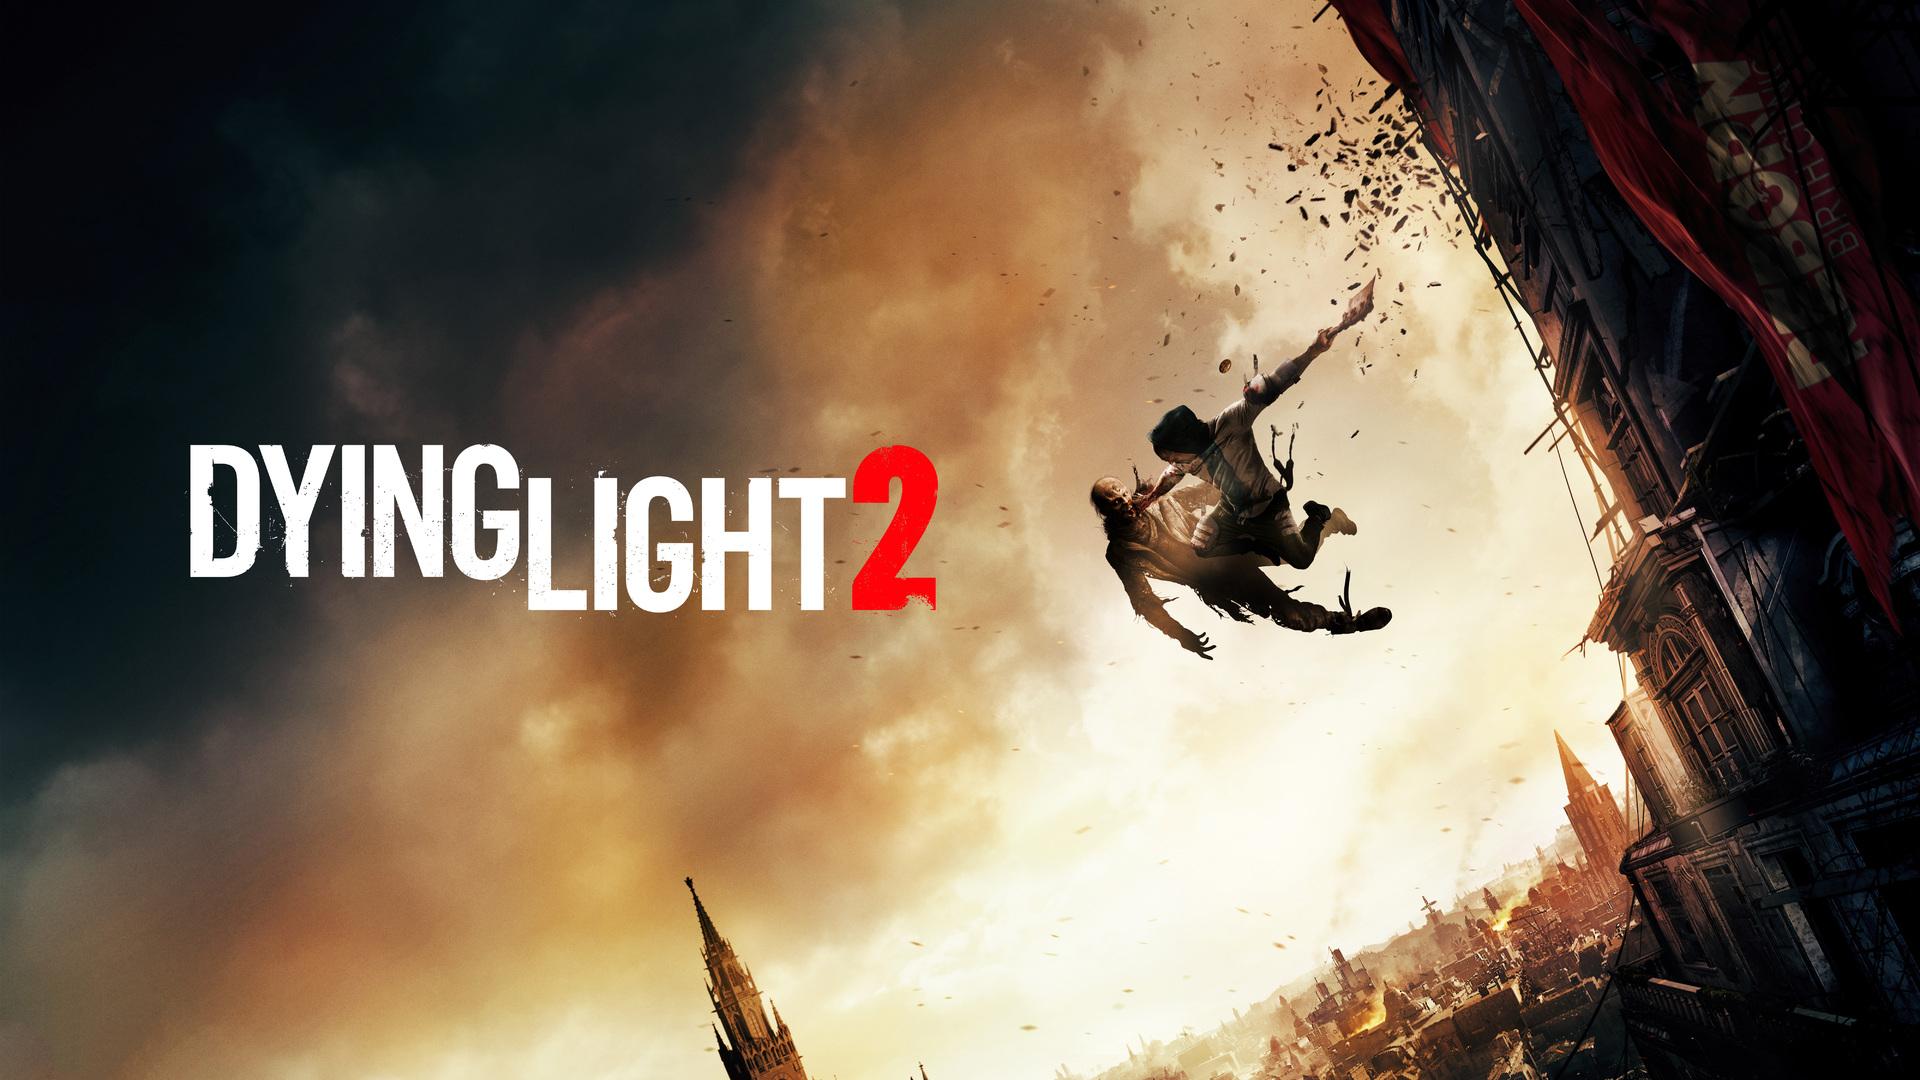 dying light 2 867q Serial Gamer